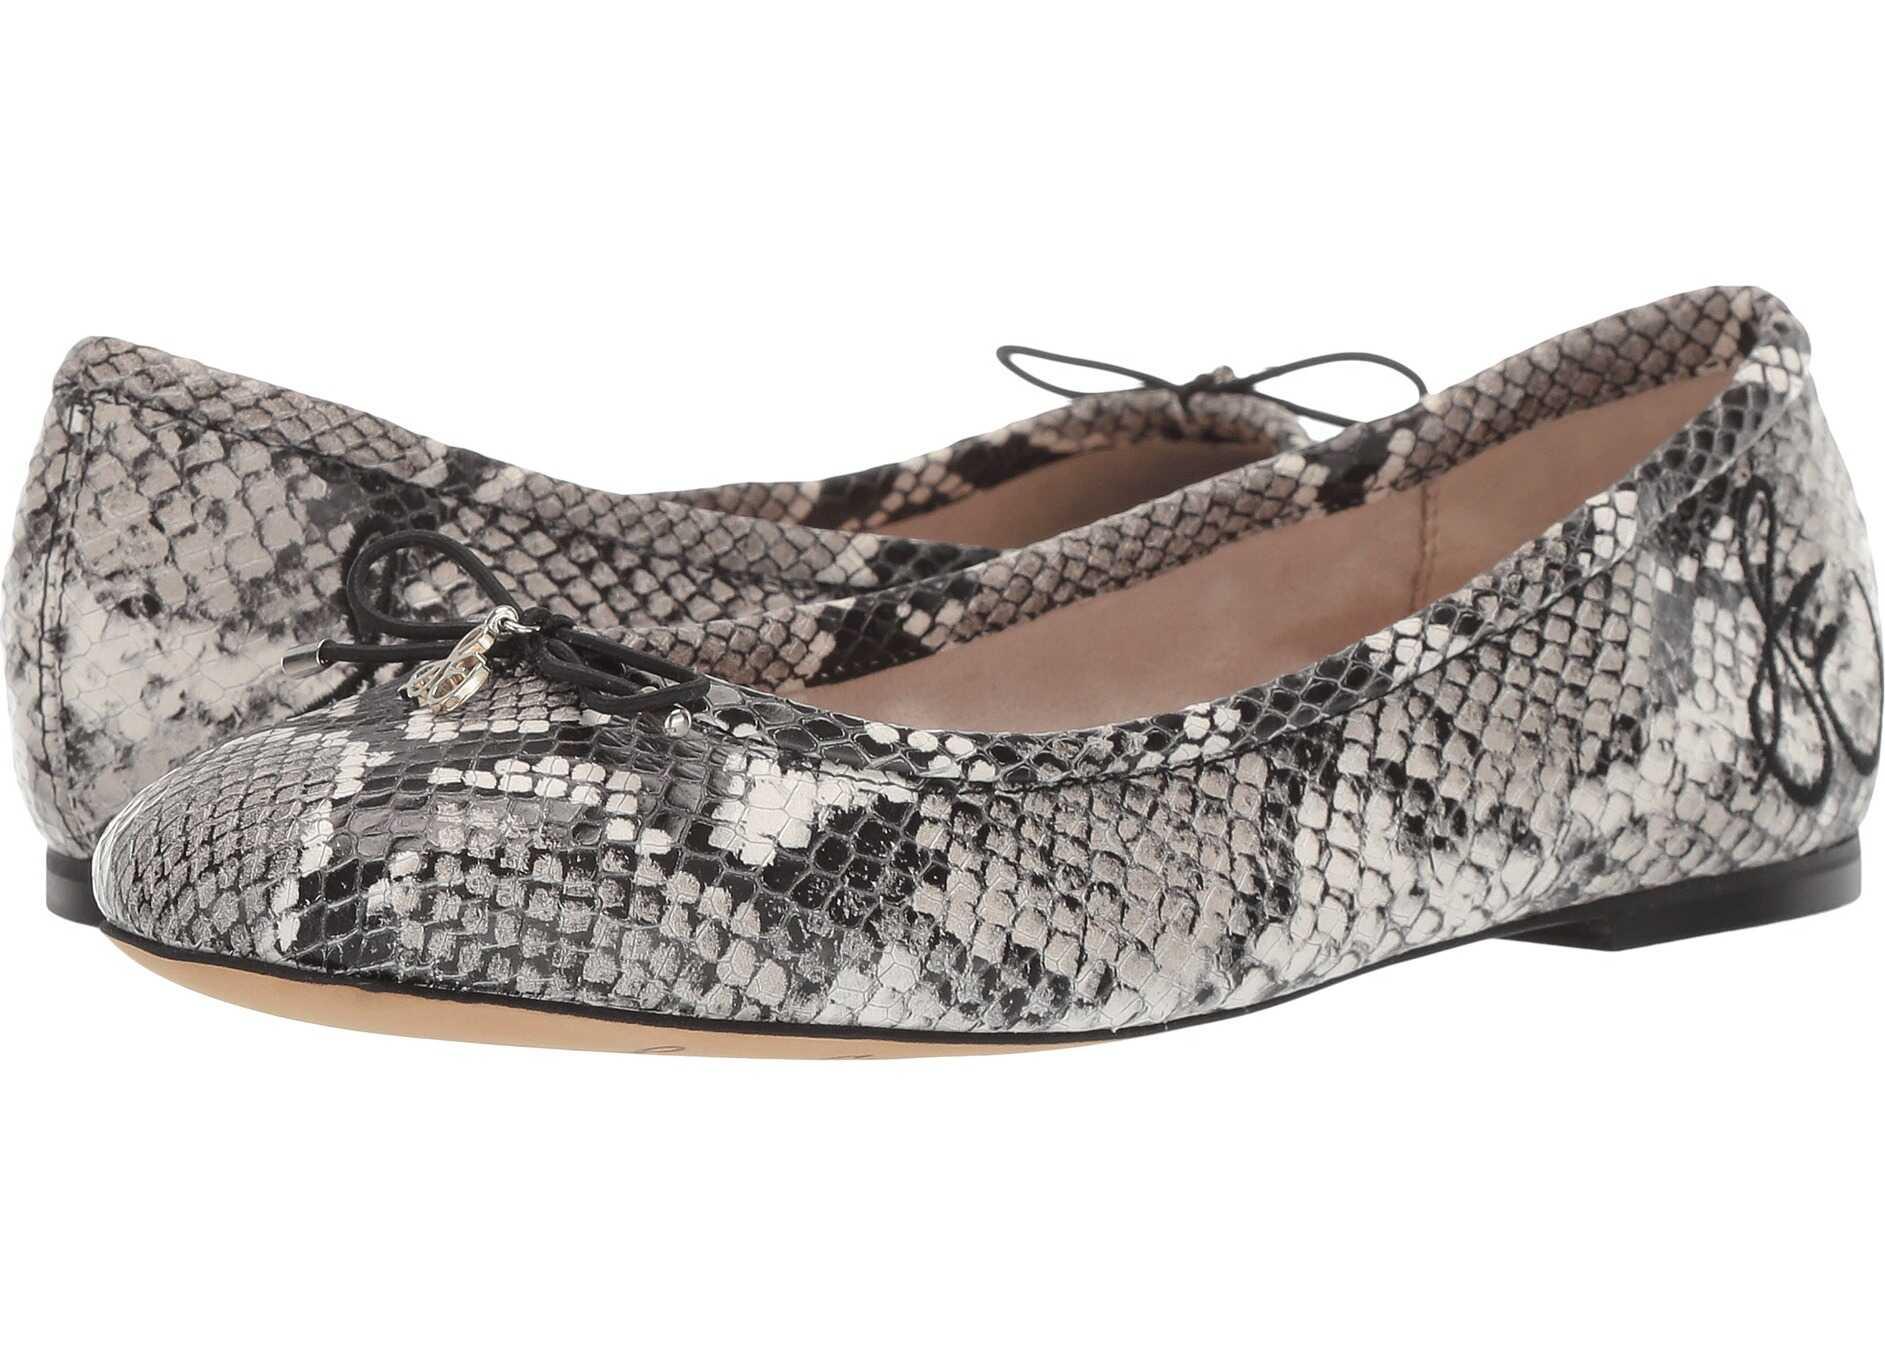 Sam Edelman Felicia Black/White Exotic Snake Print Leather